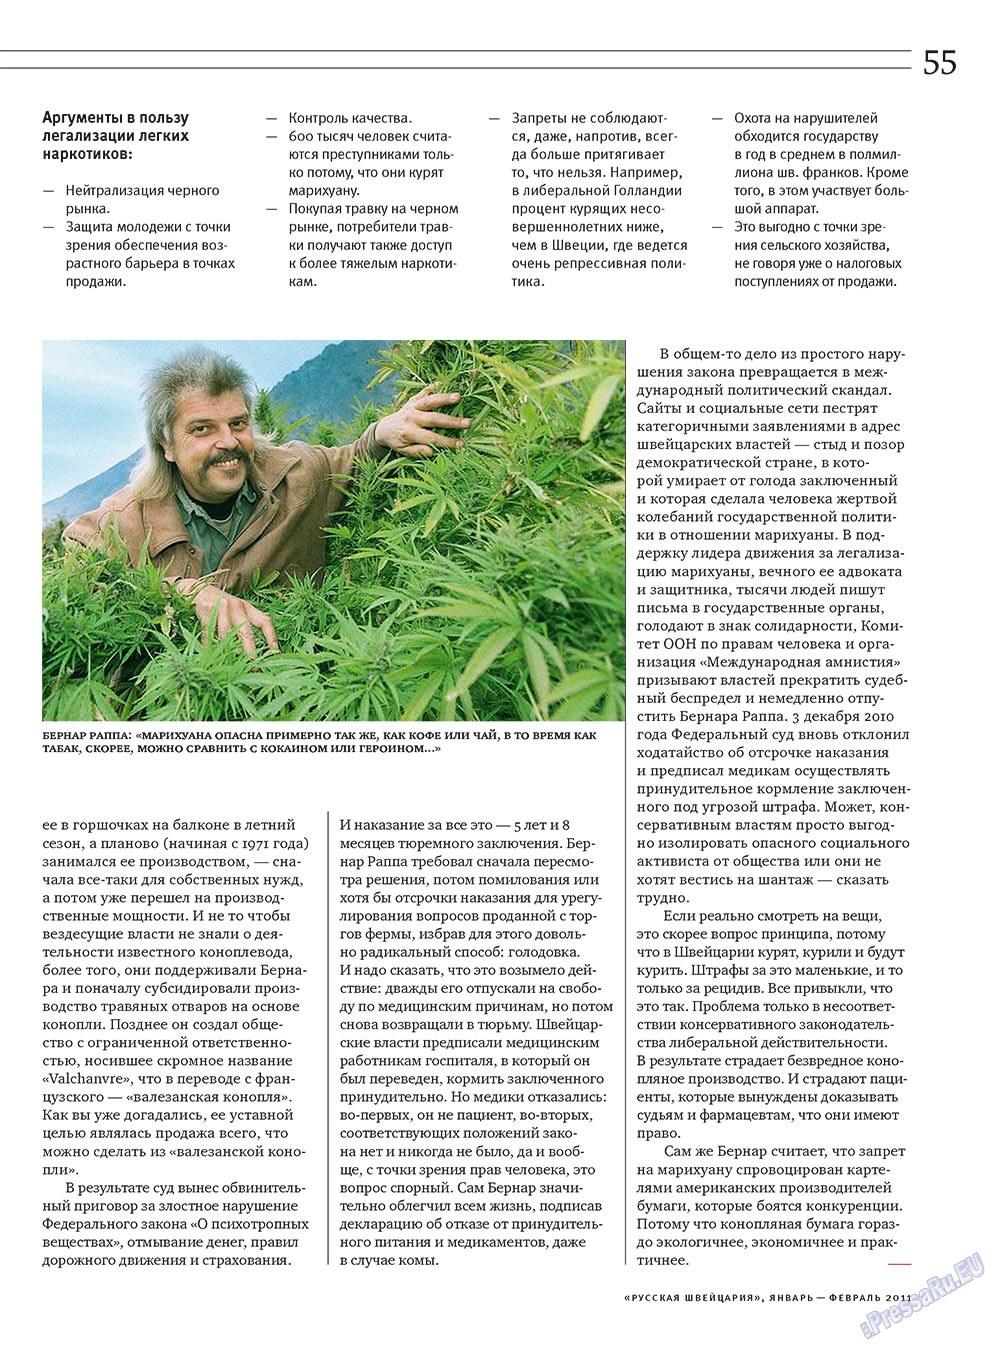 Русская Швейцария (журнал). 2011 год, номер 1, стр. 55